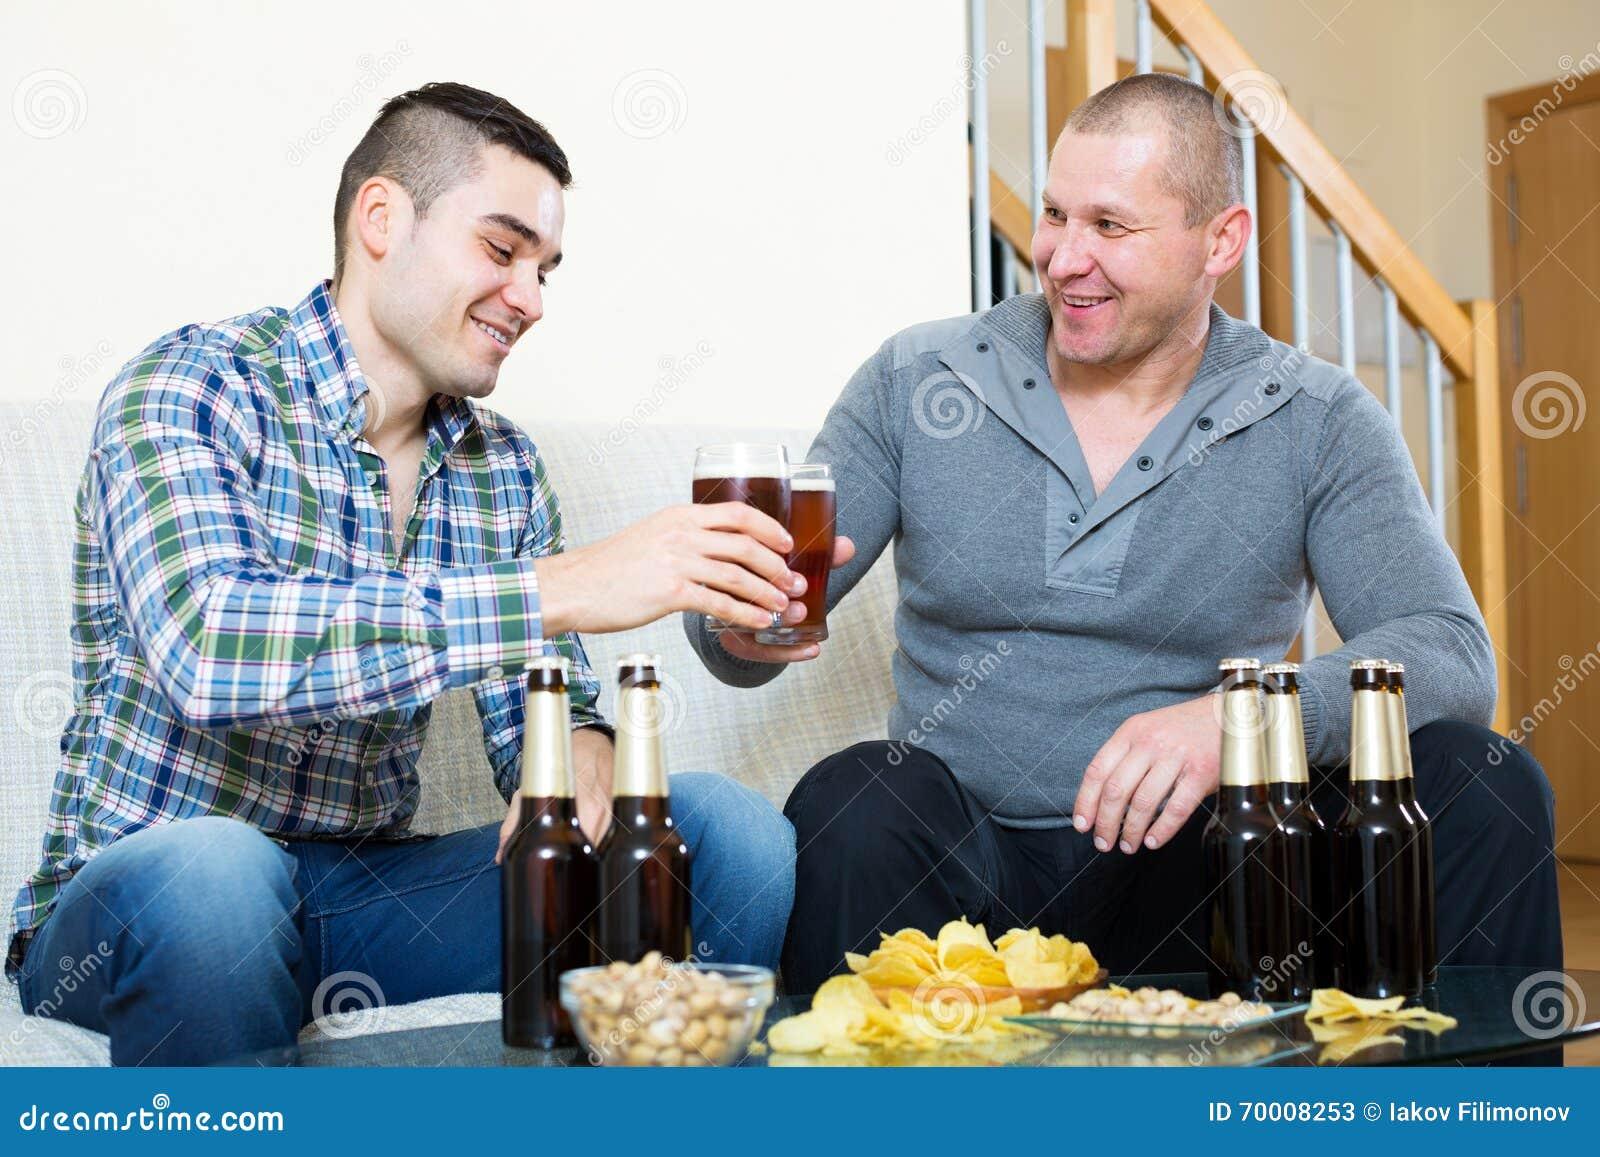 Фотографии двух взрослых мужчин фото 282-6